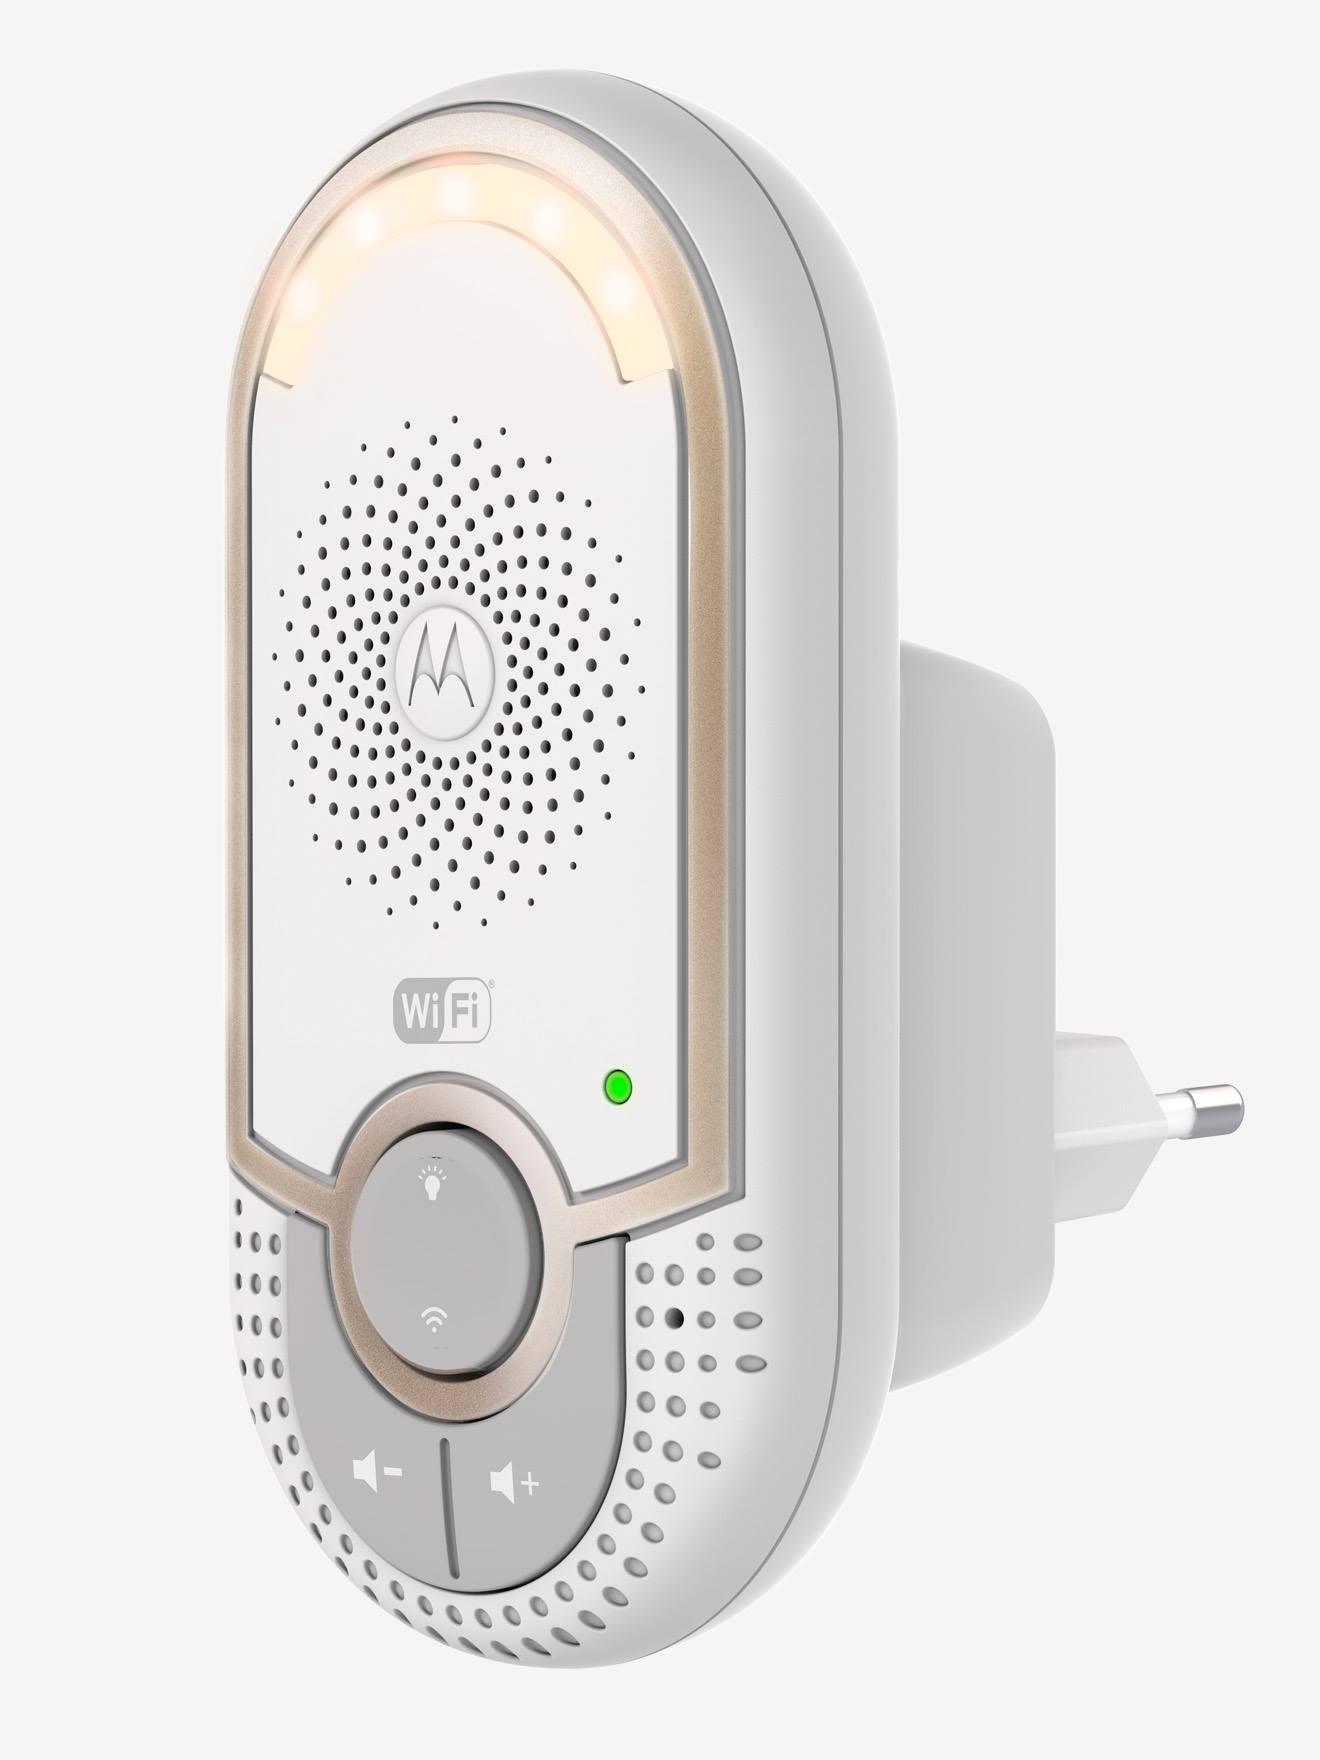 motorola babyphone wi-fi mbp 162 motorola blanc